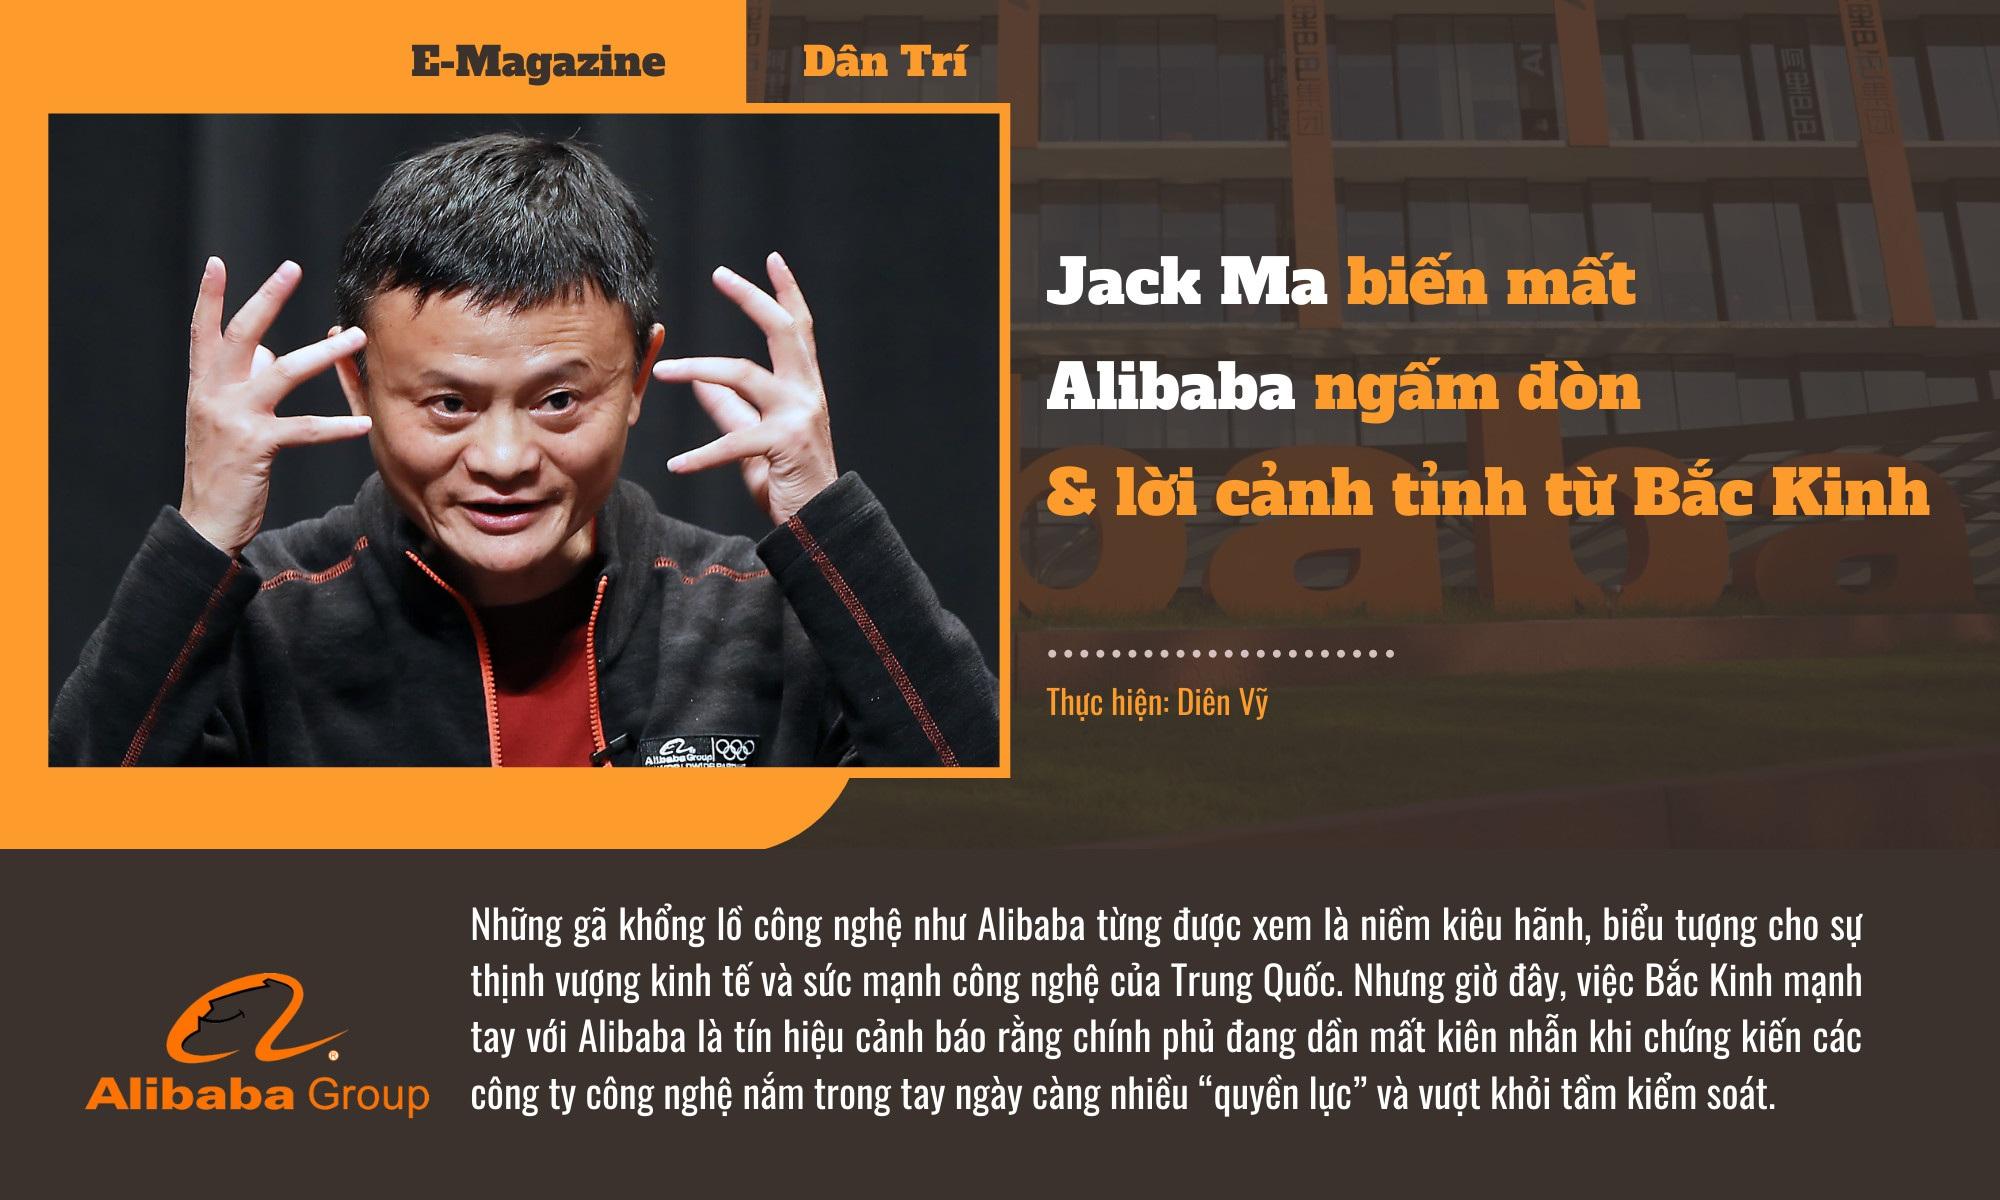 Jack Ma biến mất, Alibaba ngấm đòn  và lời cảnh tỉnh từ Bắc Kinh